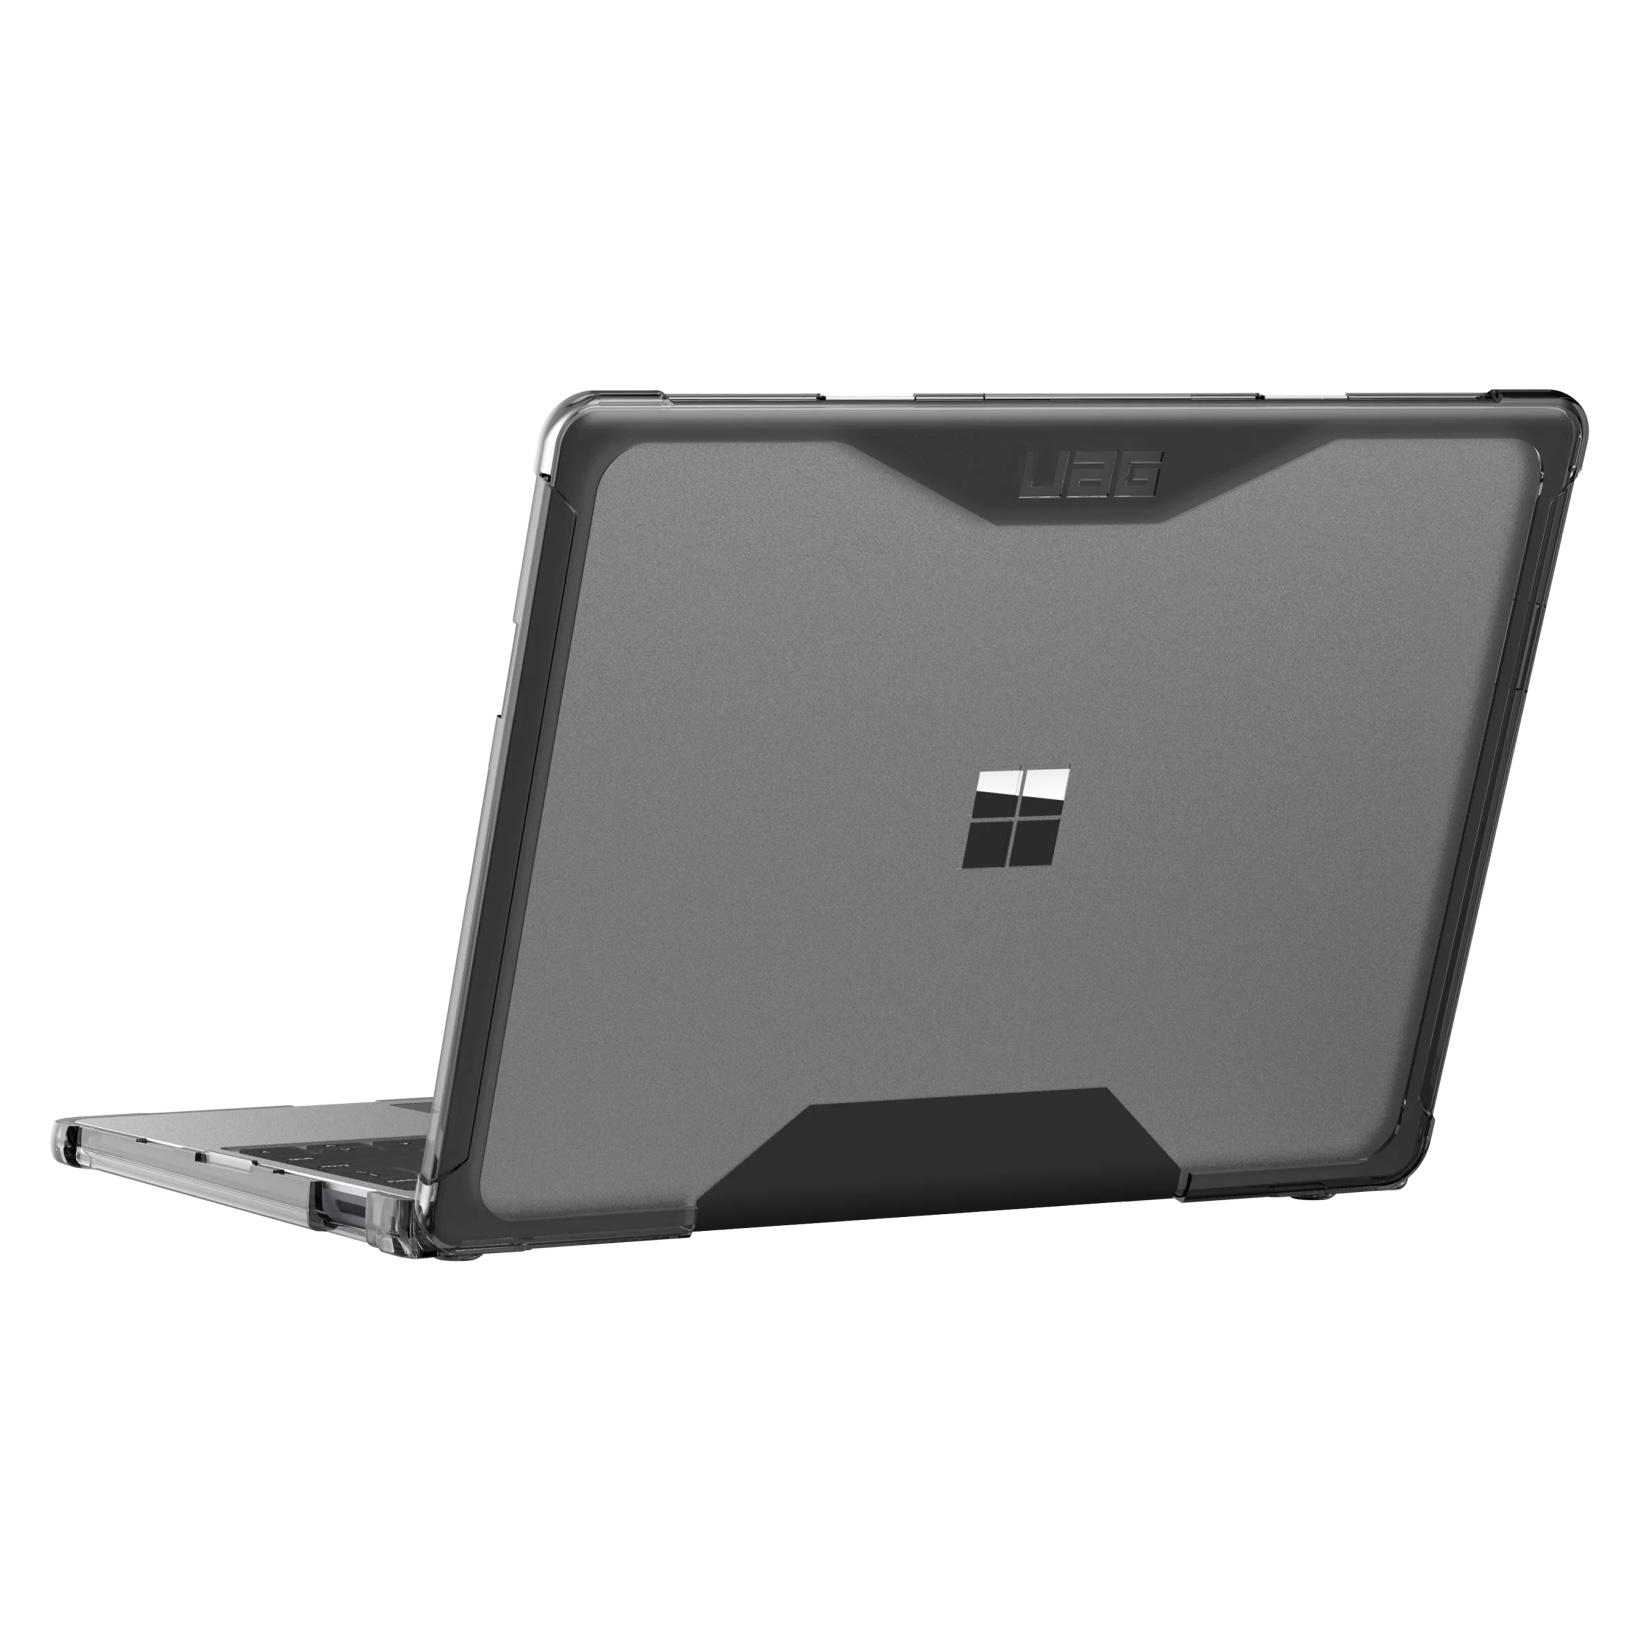 dos surface laptop go